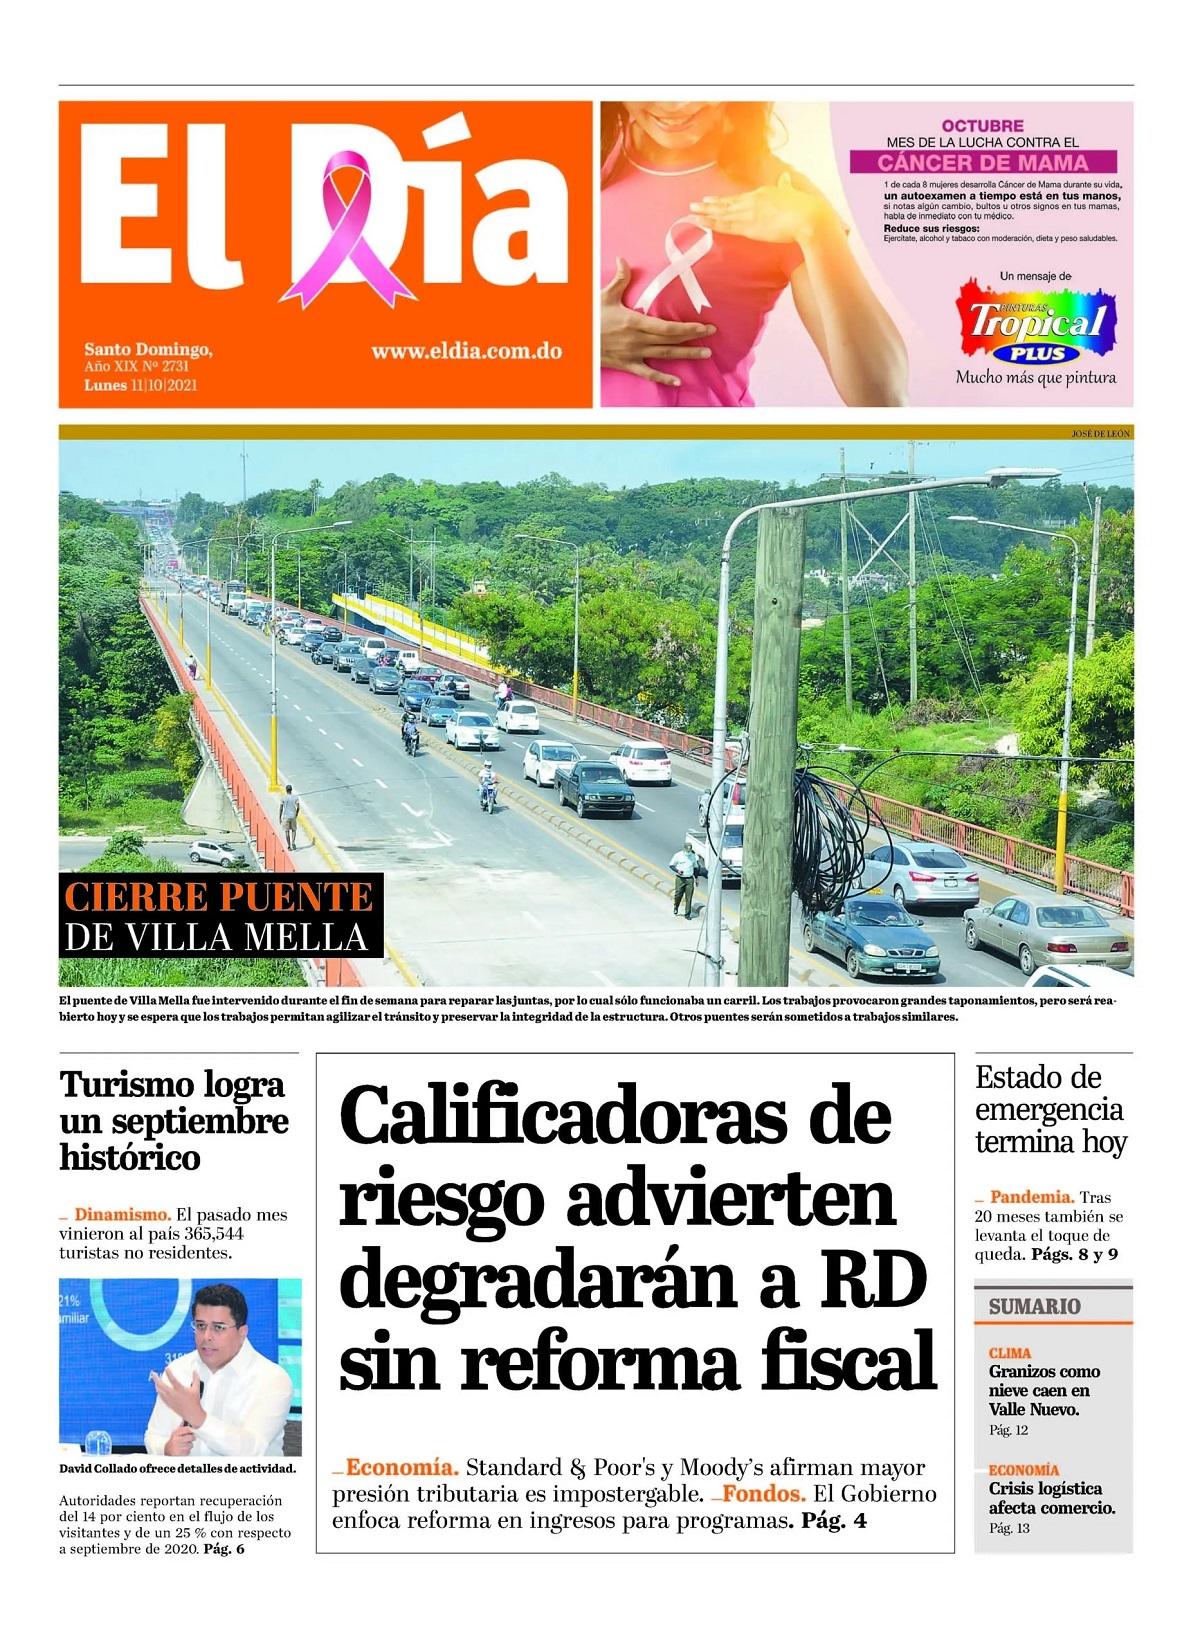 Portada Periódico El Día, Lunes 11 Octubre, 2021